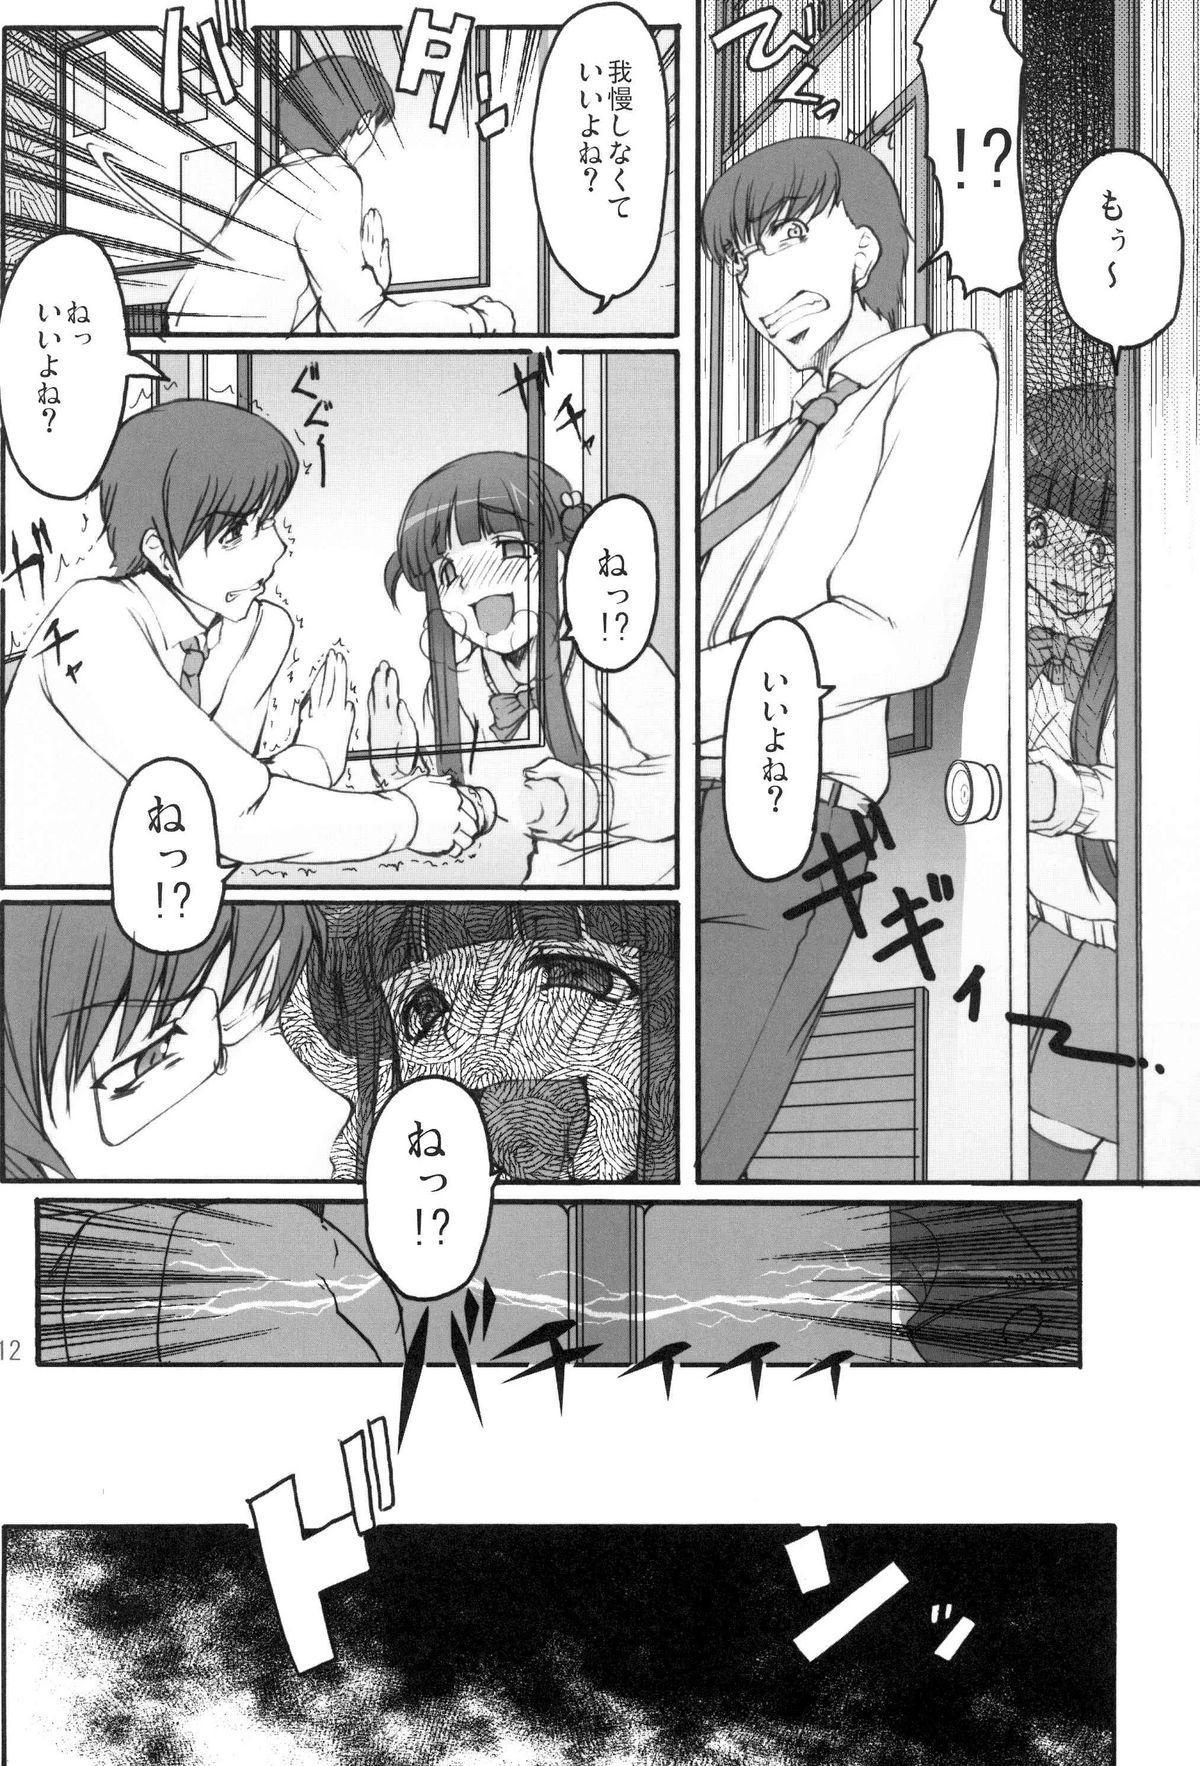 Tsukasa Blog 10